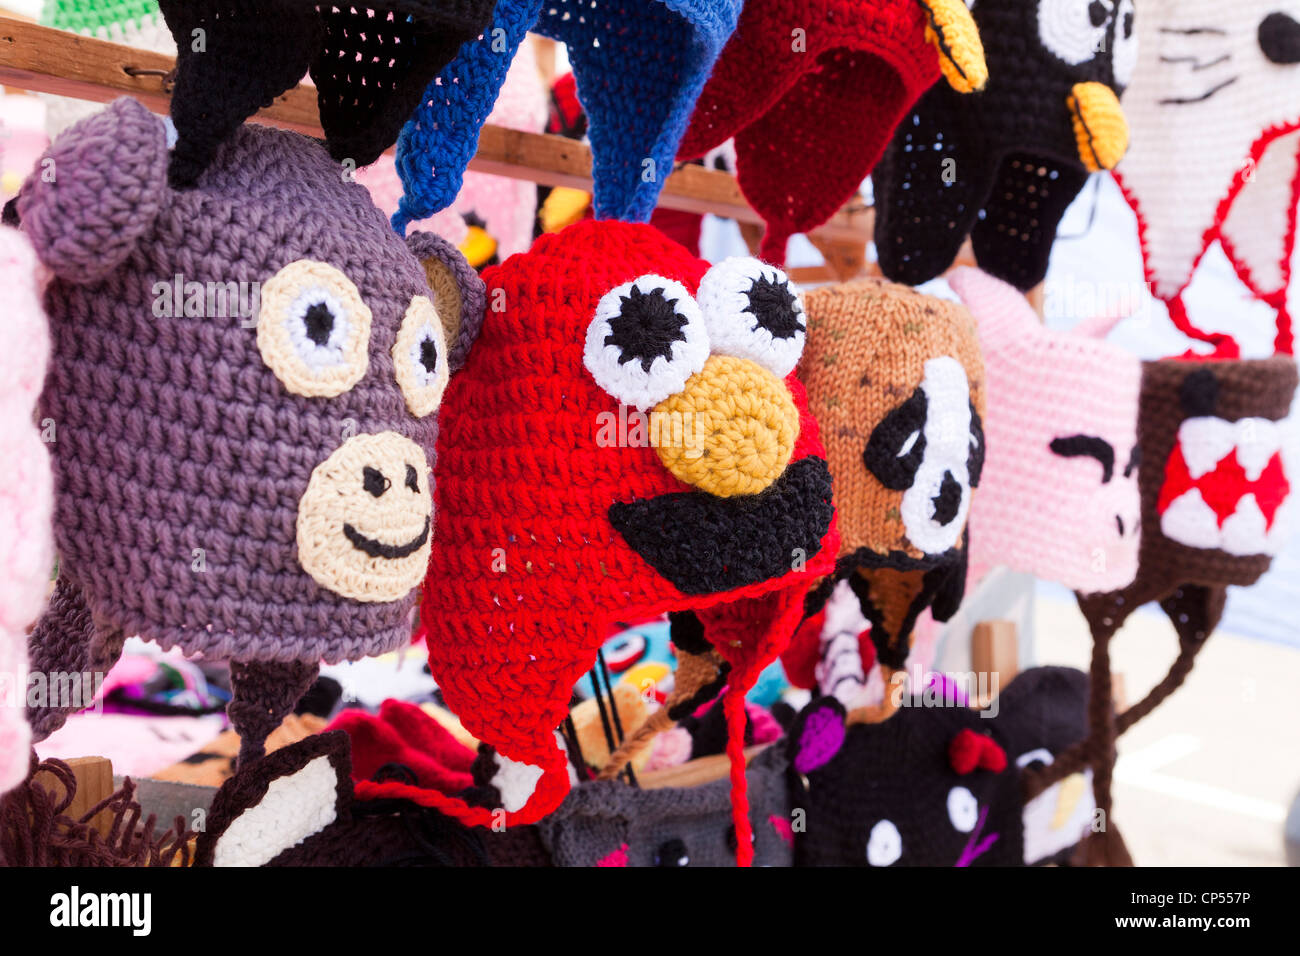 Caractère assortis knit hats trappeur Banque D'Images